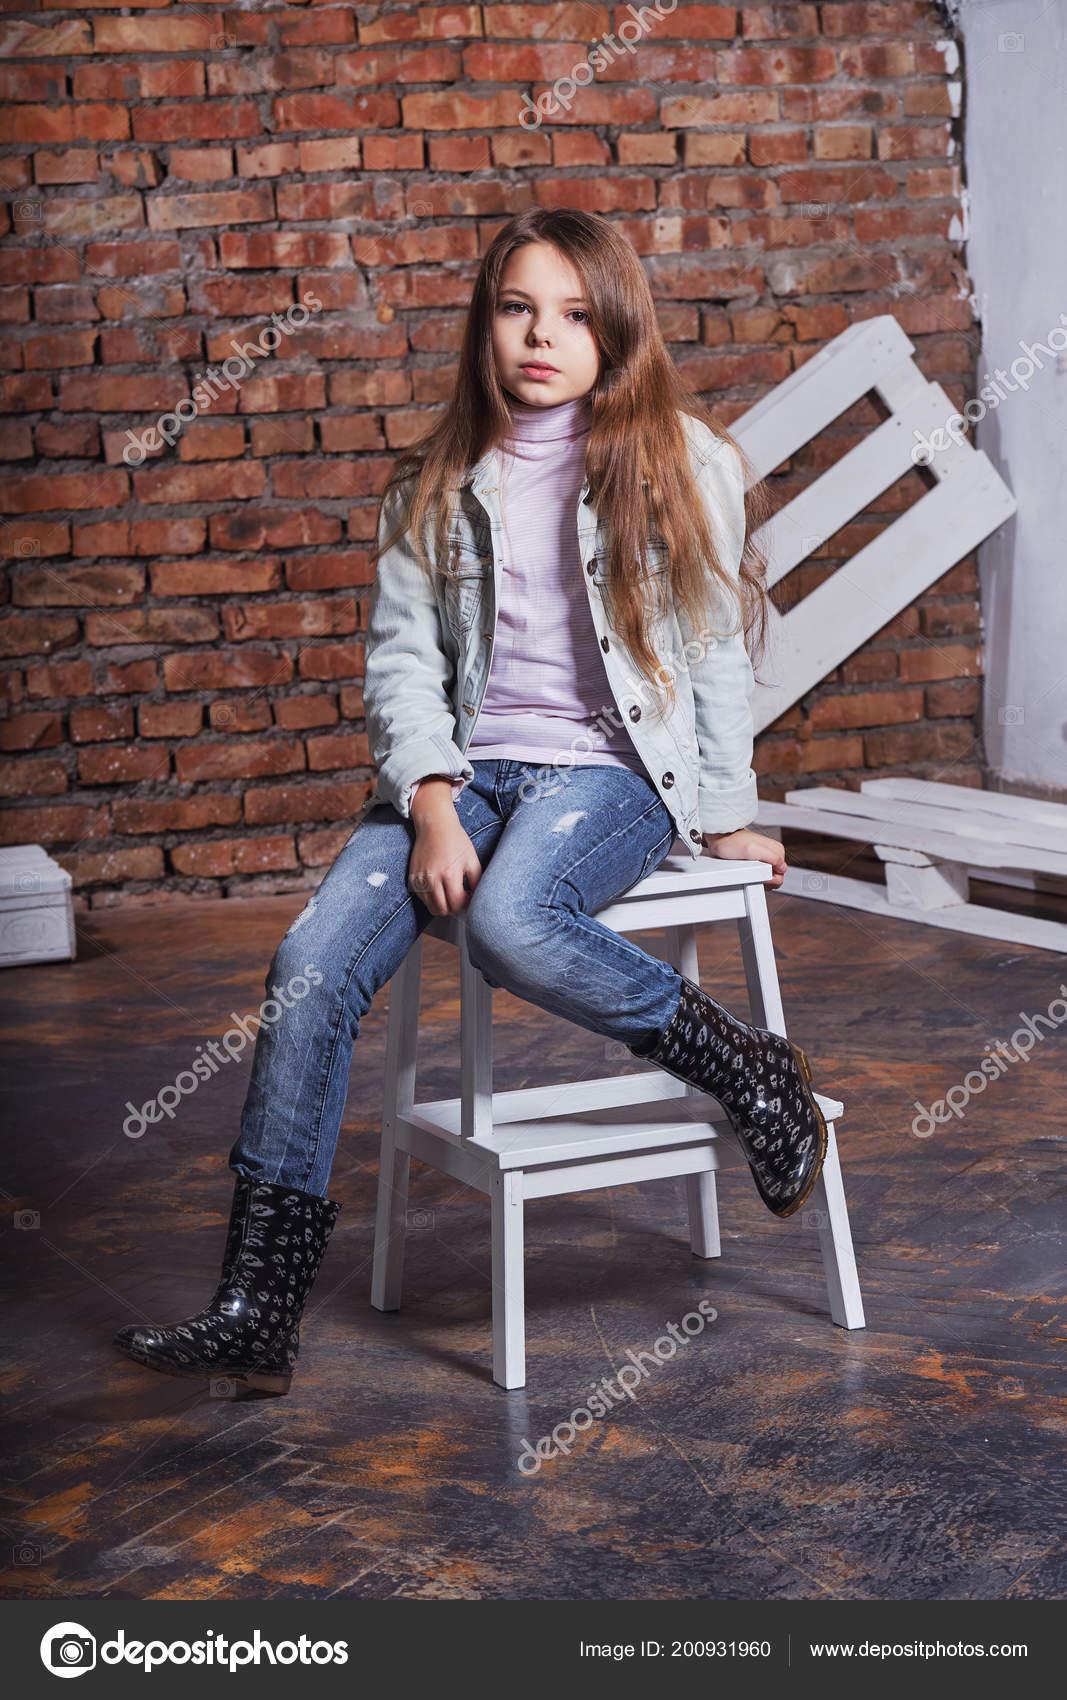 buy online 6c1aa b760b Bambino di modello alla moda. Ritratto ragazza ragazzino ...